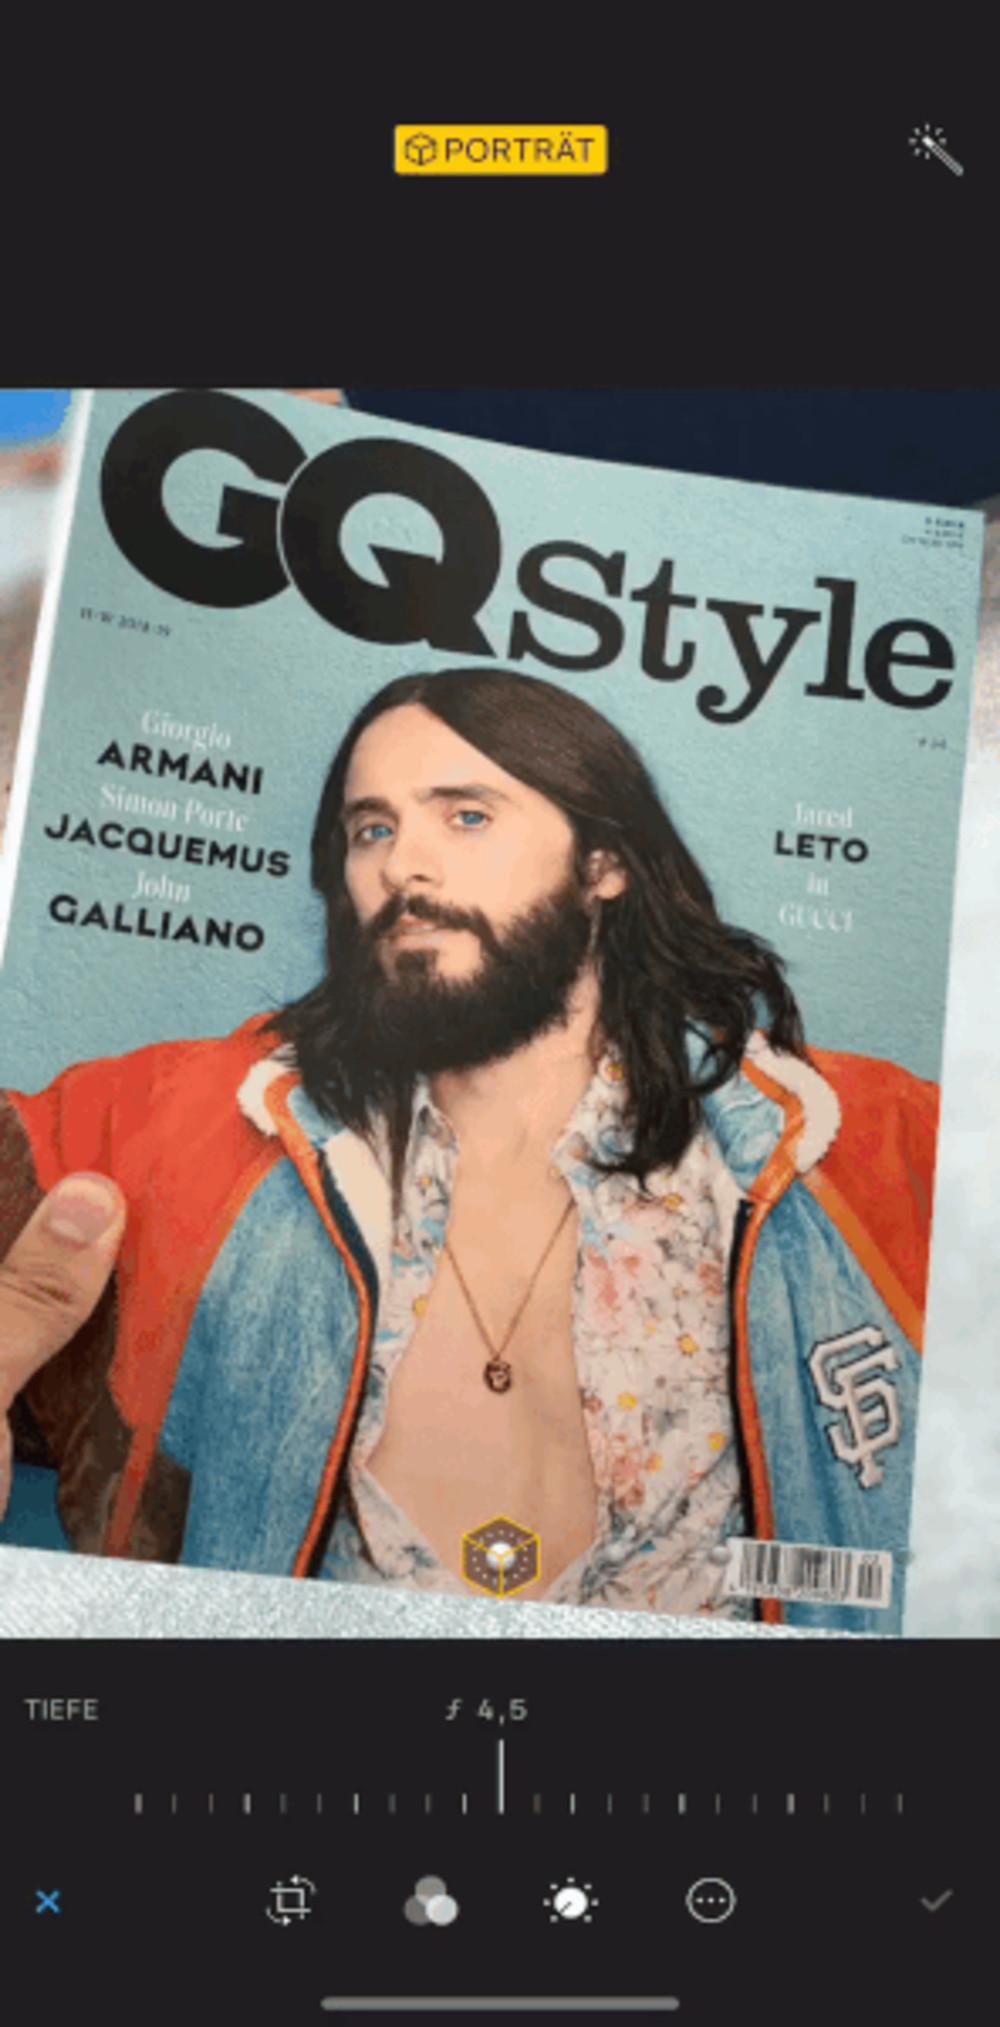 Der Bokeh-Effekt funktioniert sogar mit dem Cover der GQ-Style.